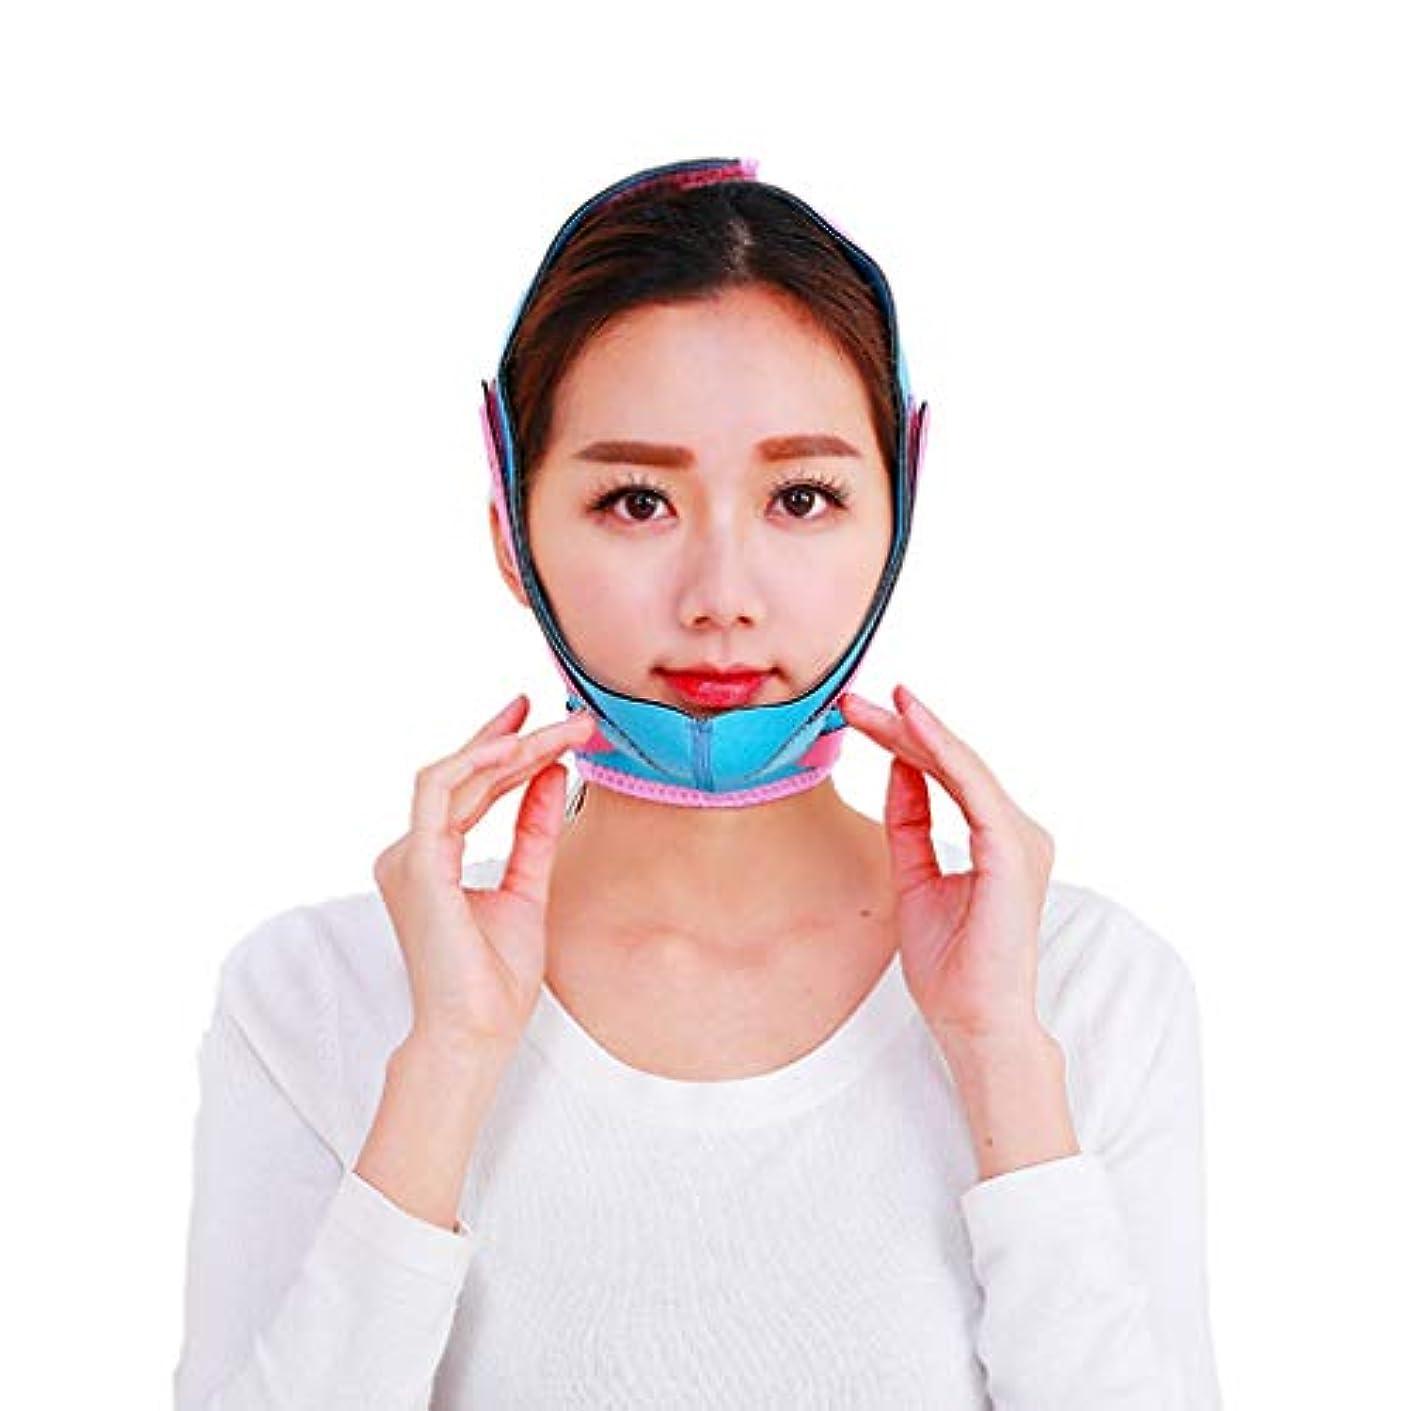 明示的に振動する読み書きのできない顔-リフティングマスクは、たるみの筋肉や引き締まった肌の弾力性を和らげるために輪郭を強化する V フェイス包帯